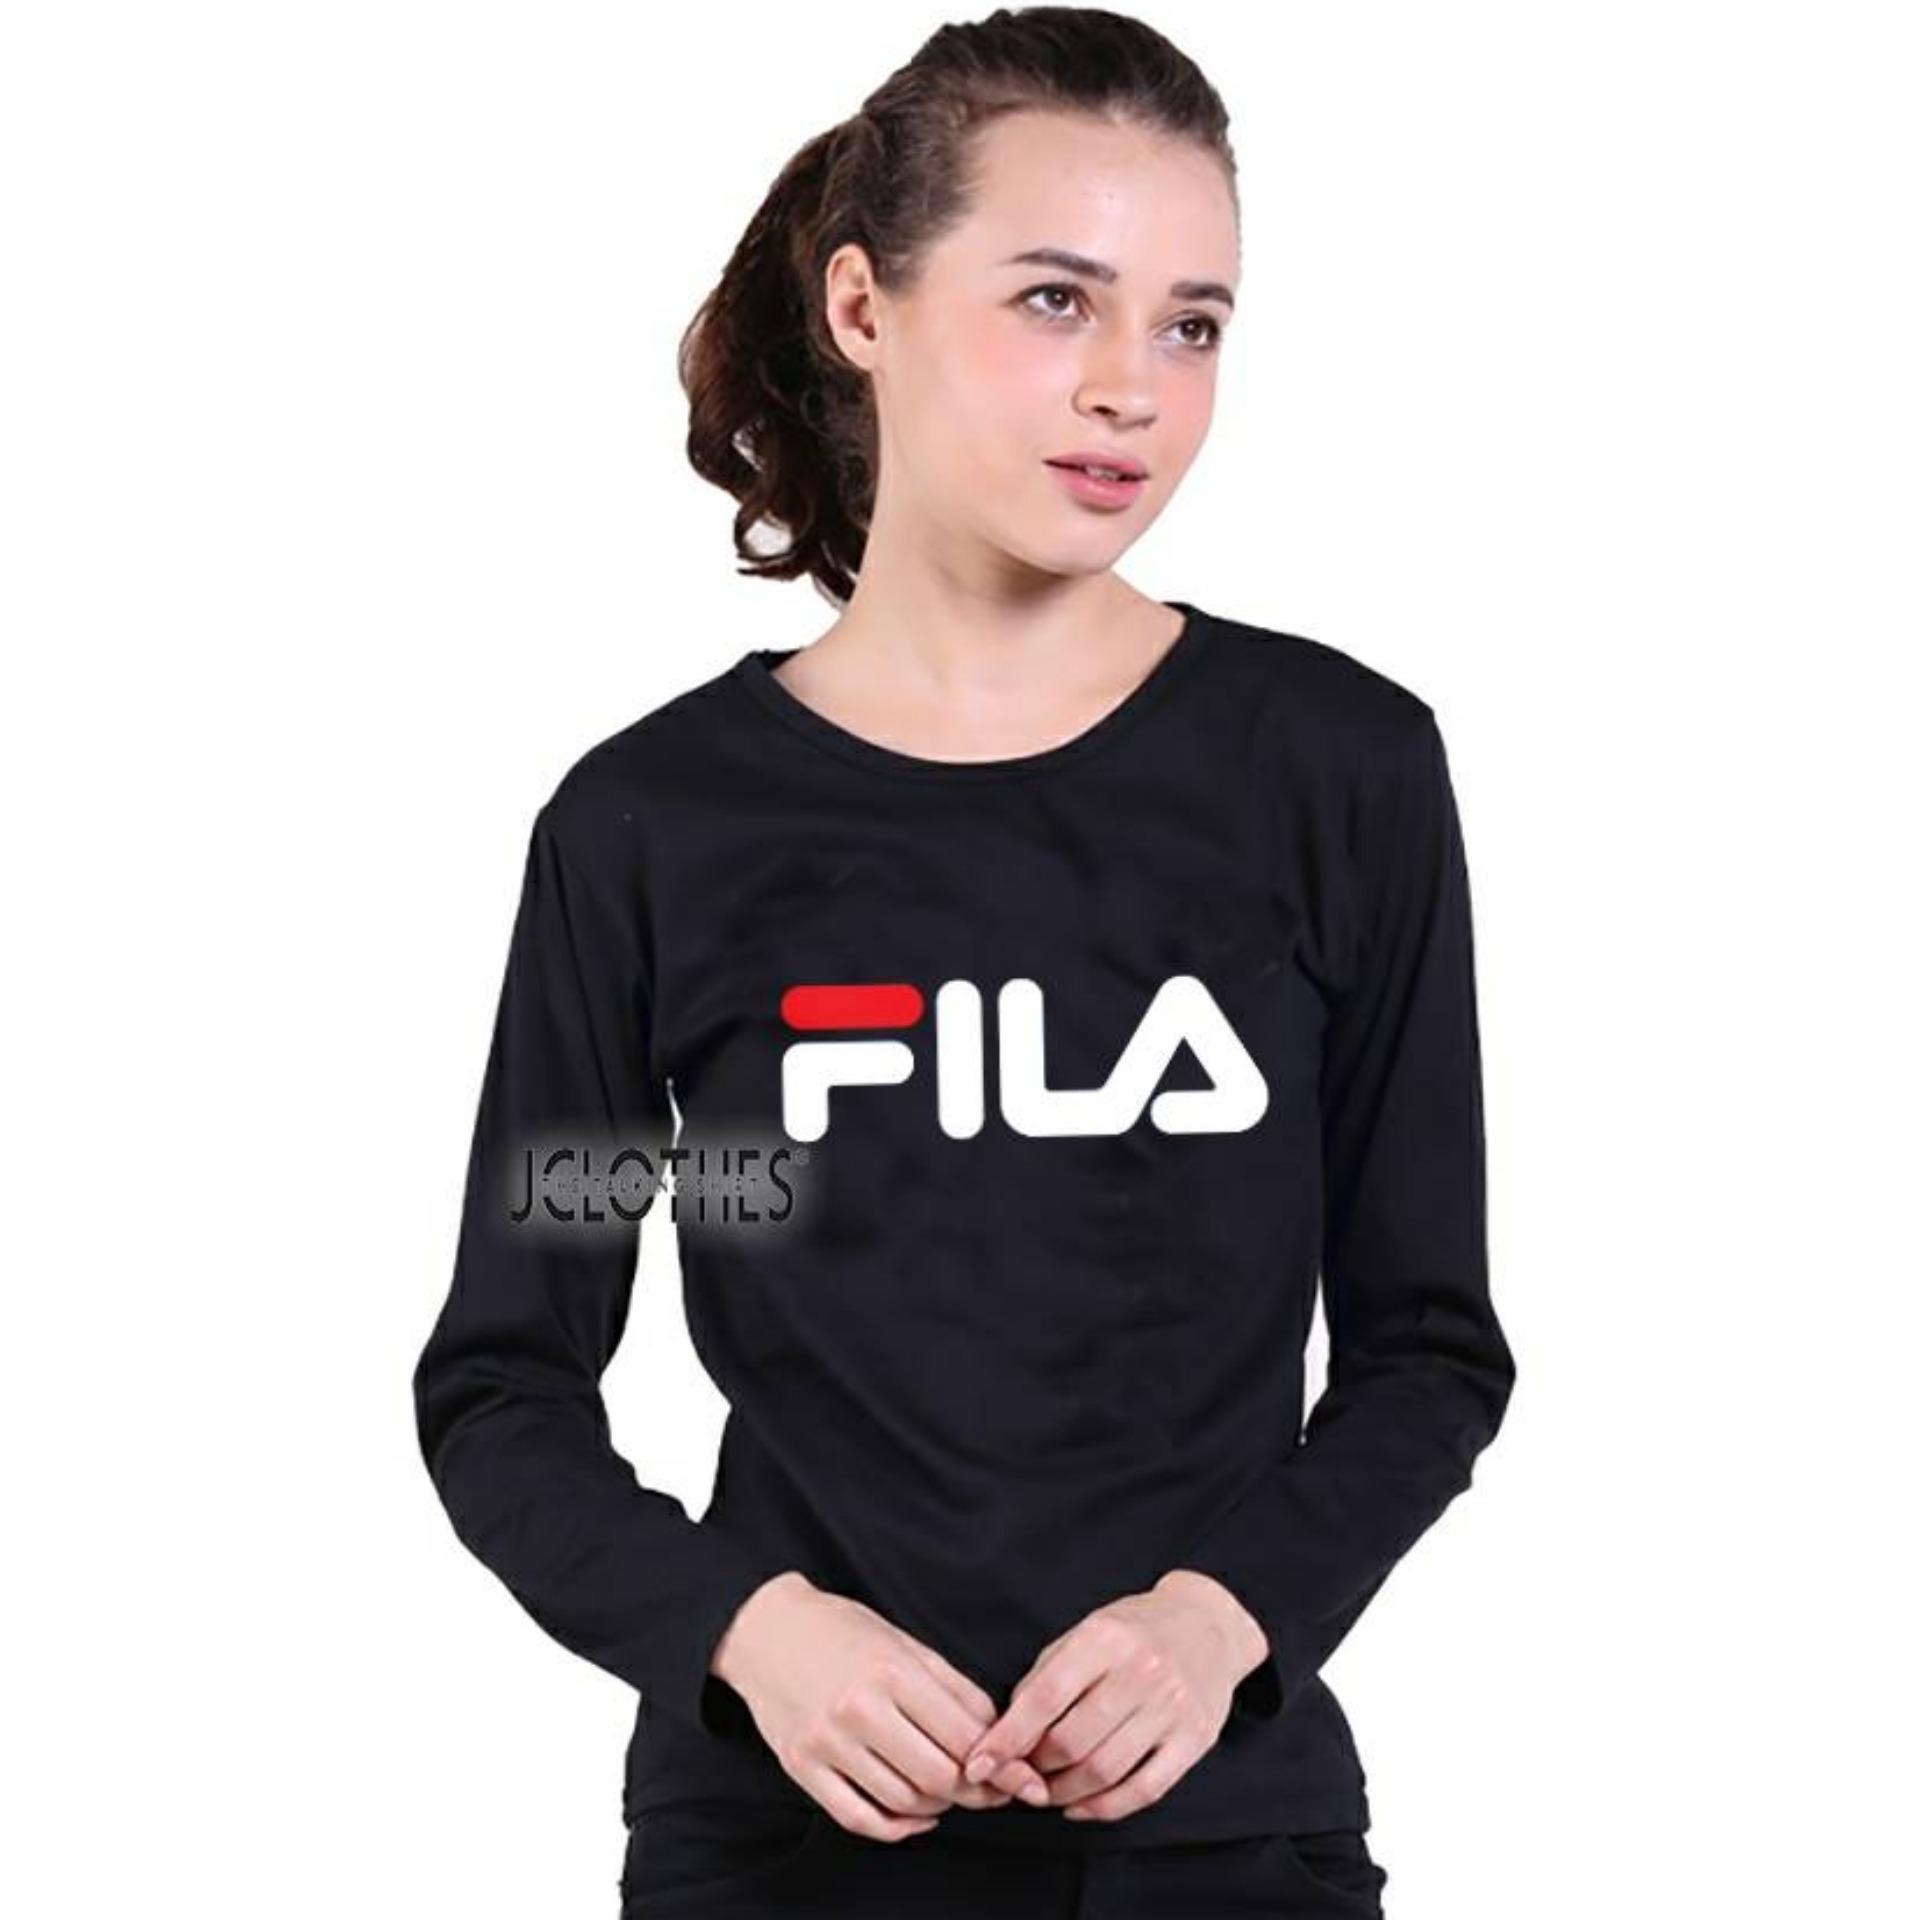 JCLOTHES - Tumblr Tee FL T-Shirt Kaos Wanita Lengan Panjang